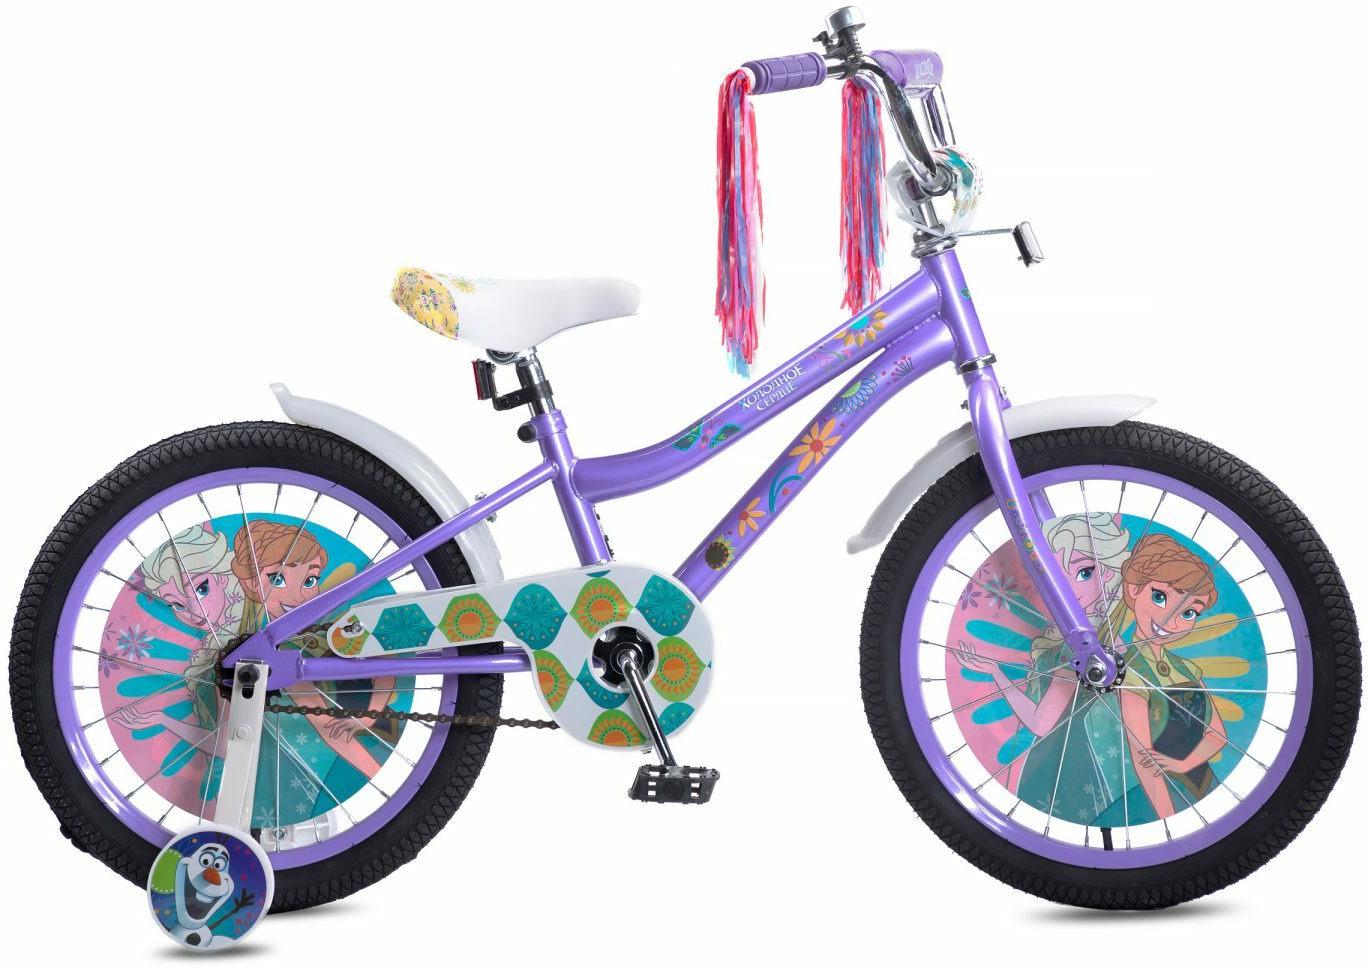 Велосипед детский Disney Холодное сердце, ВН18105, фиолетовый, белый, колесо 18